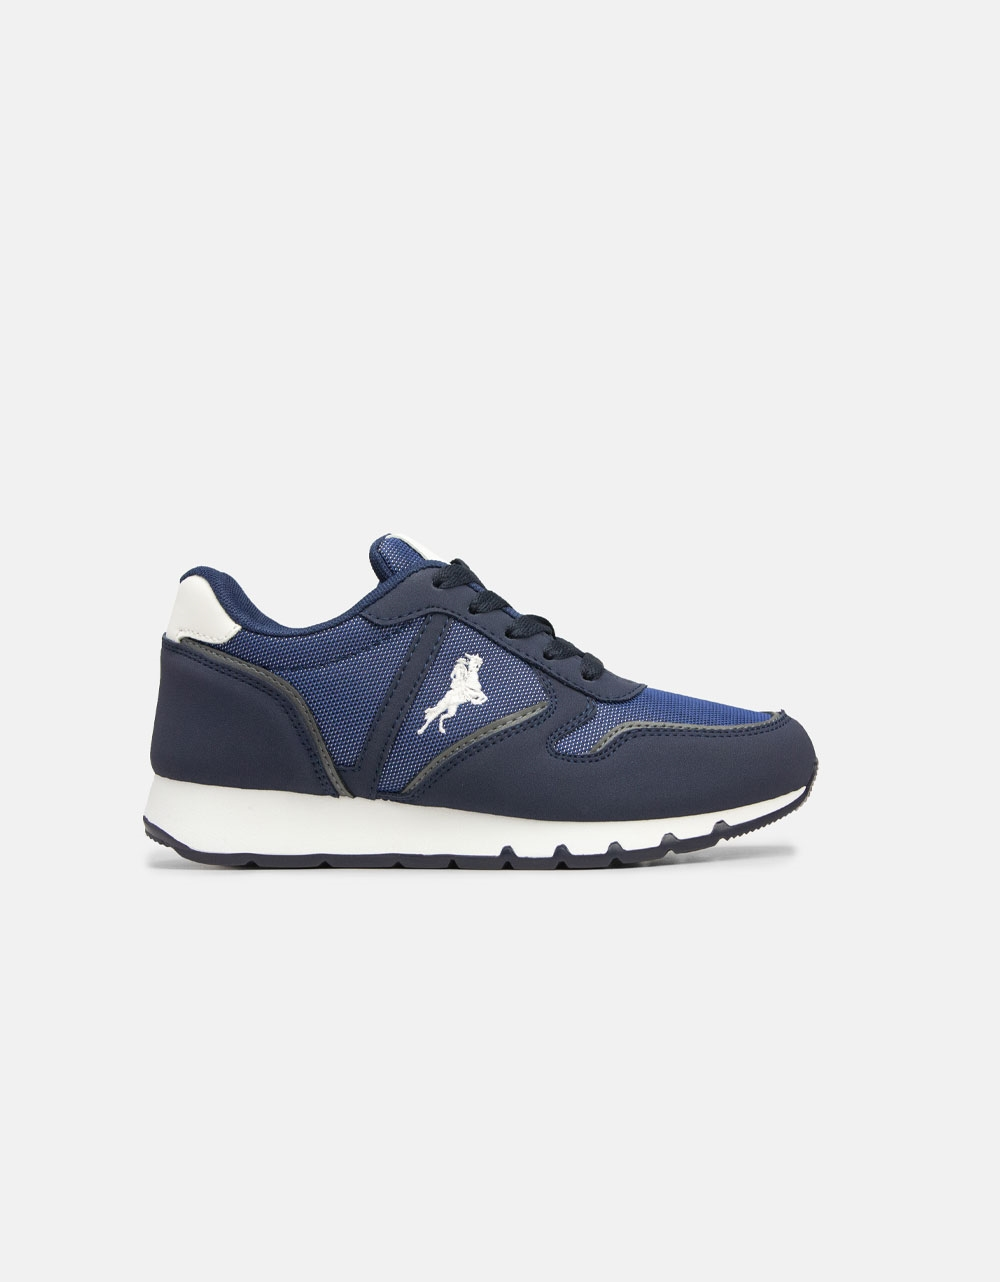 Εικόνα από Γυναικεία sneakers σε συνδυασμούς υλικών Μπλε